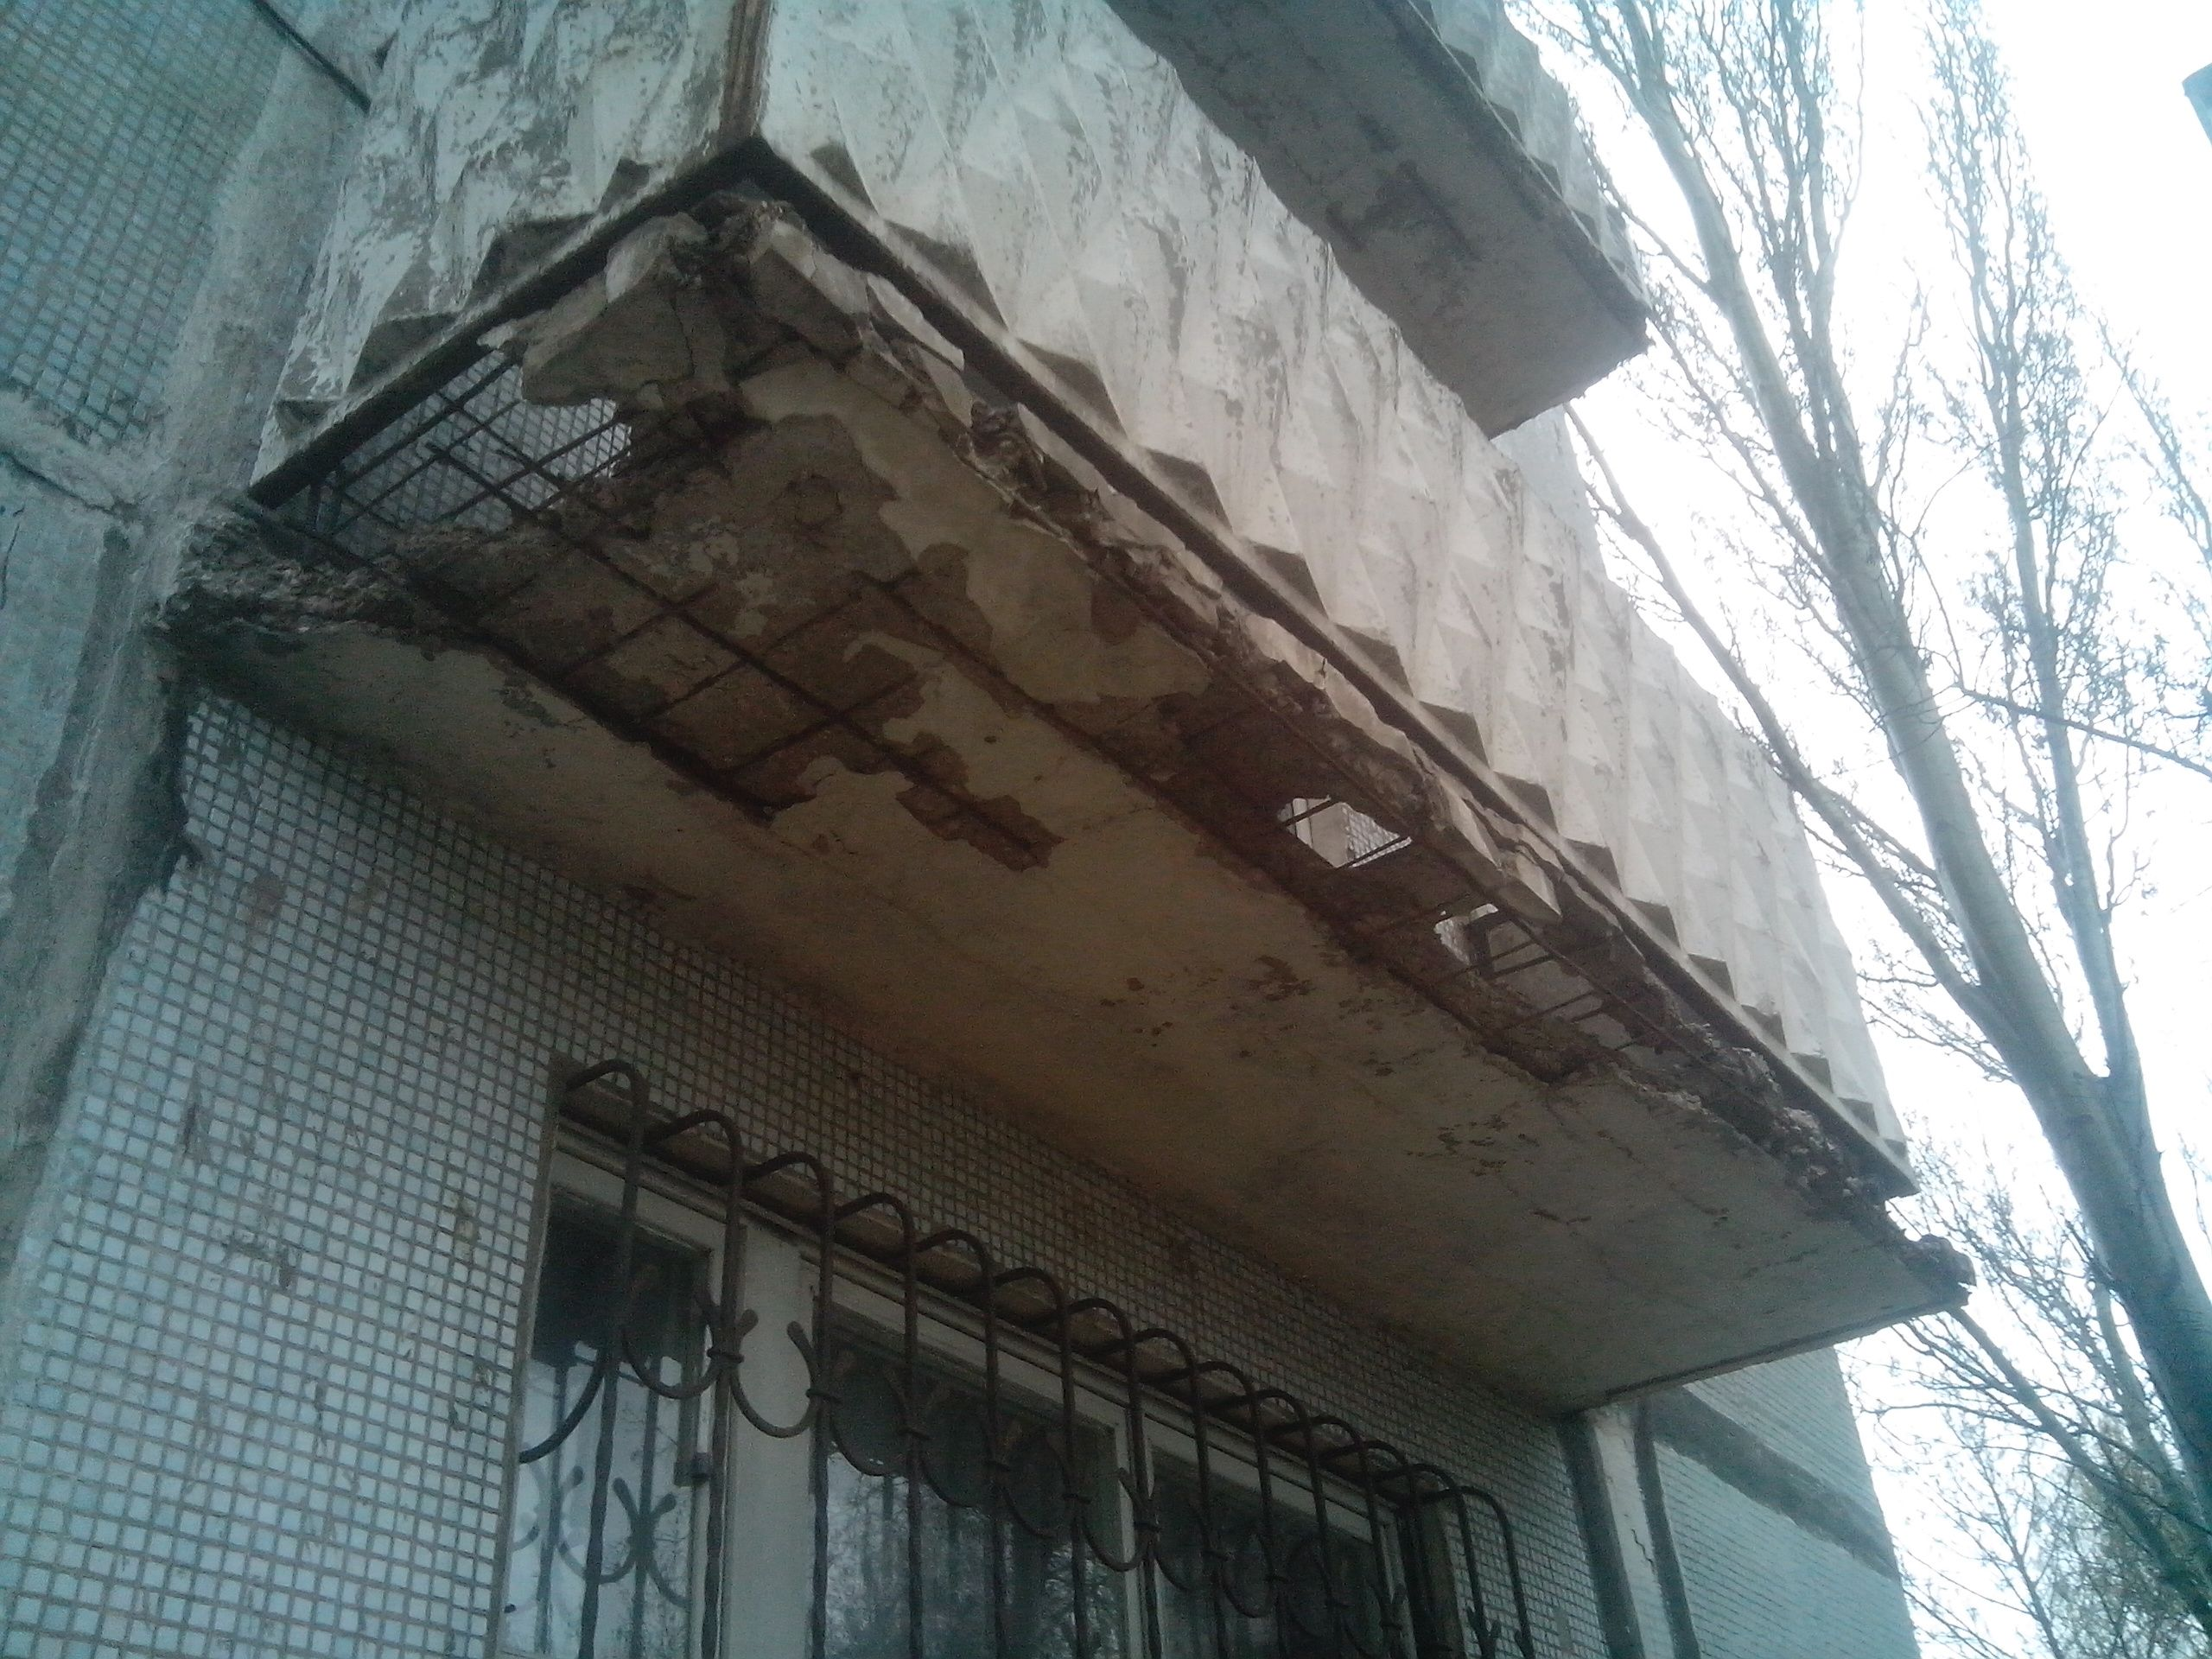 Ремонт балконной плиты - как правильно выполнять.